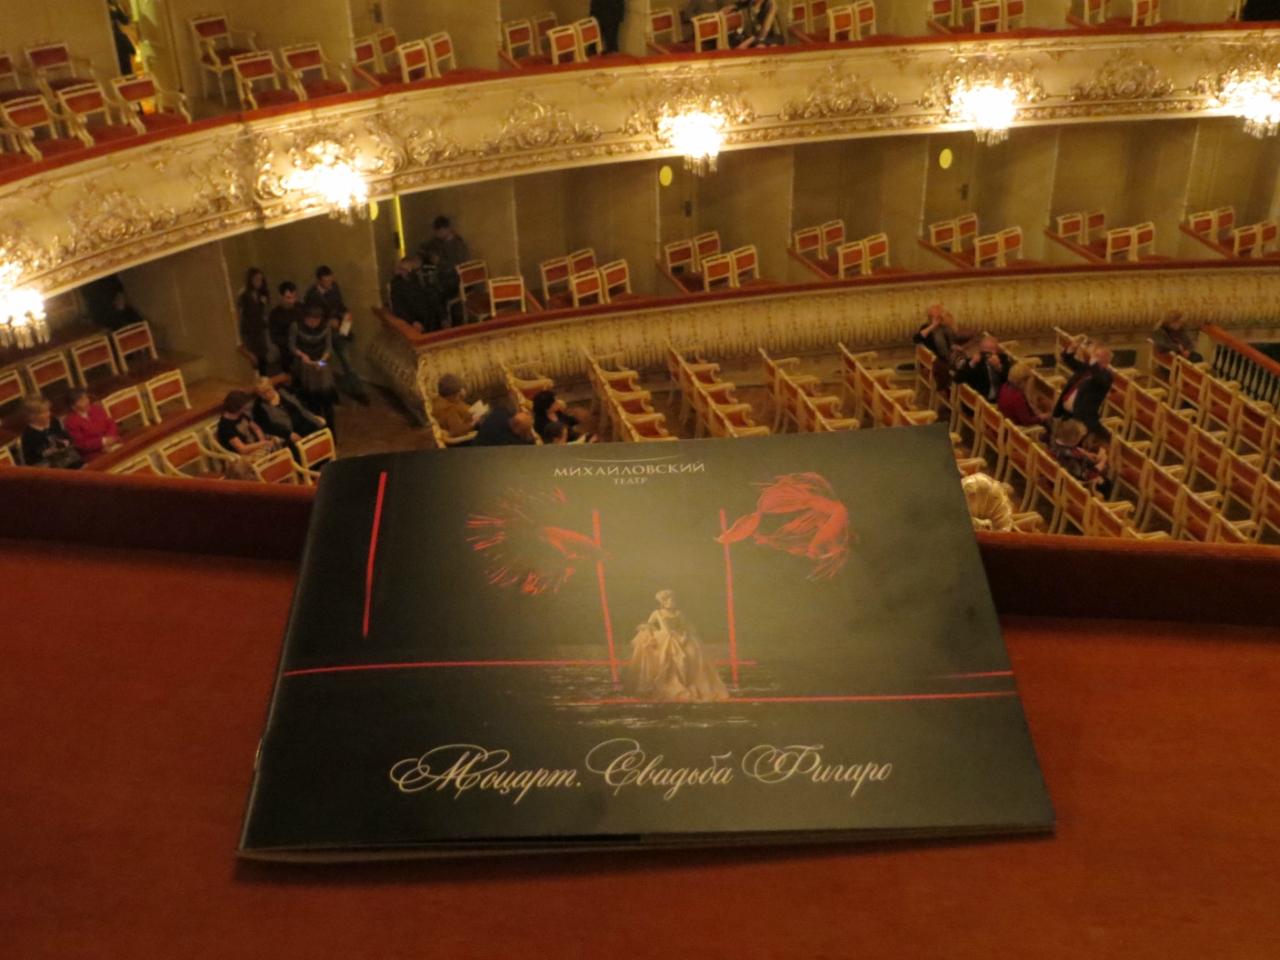 Премьера фигаро в михайловском театре спб фото